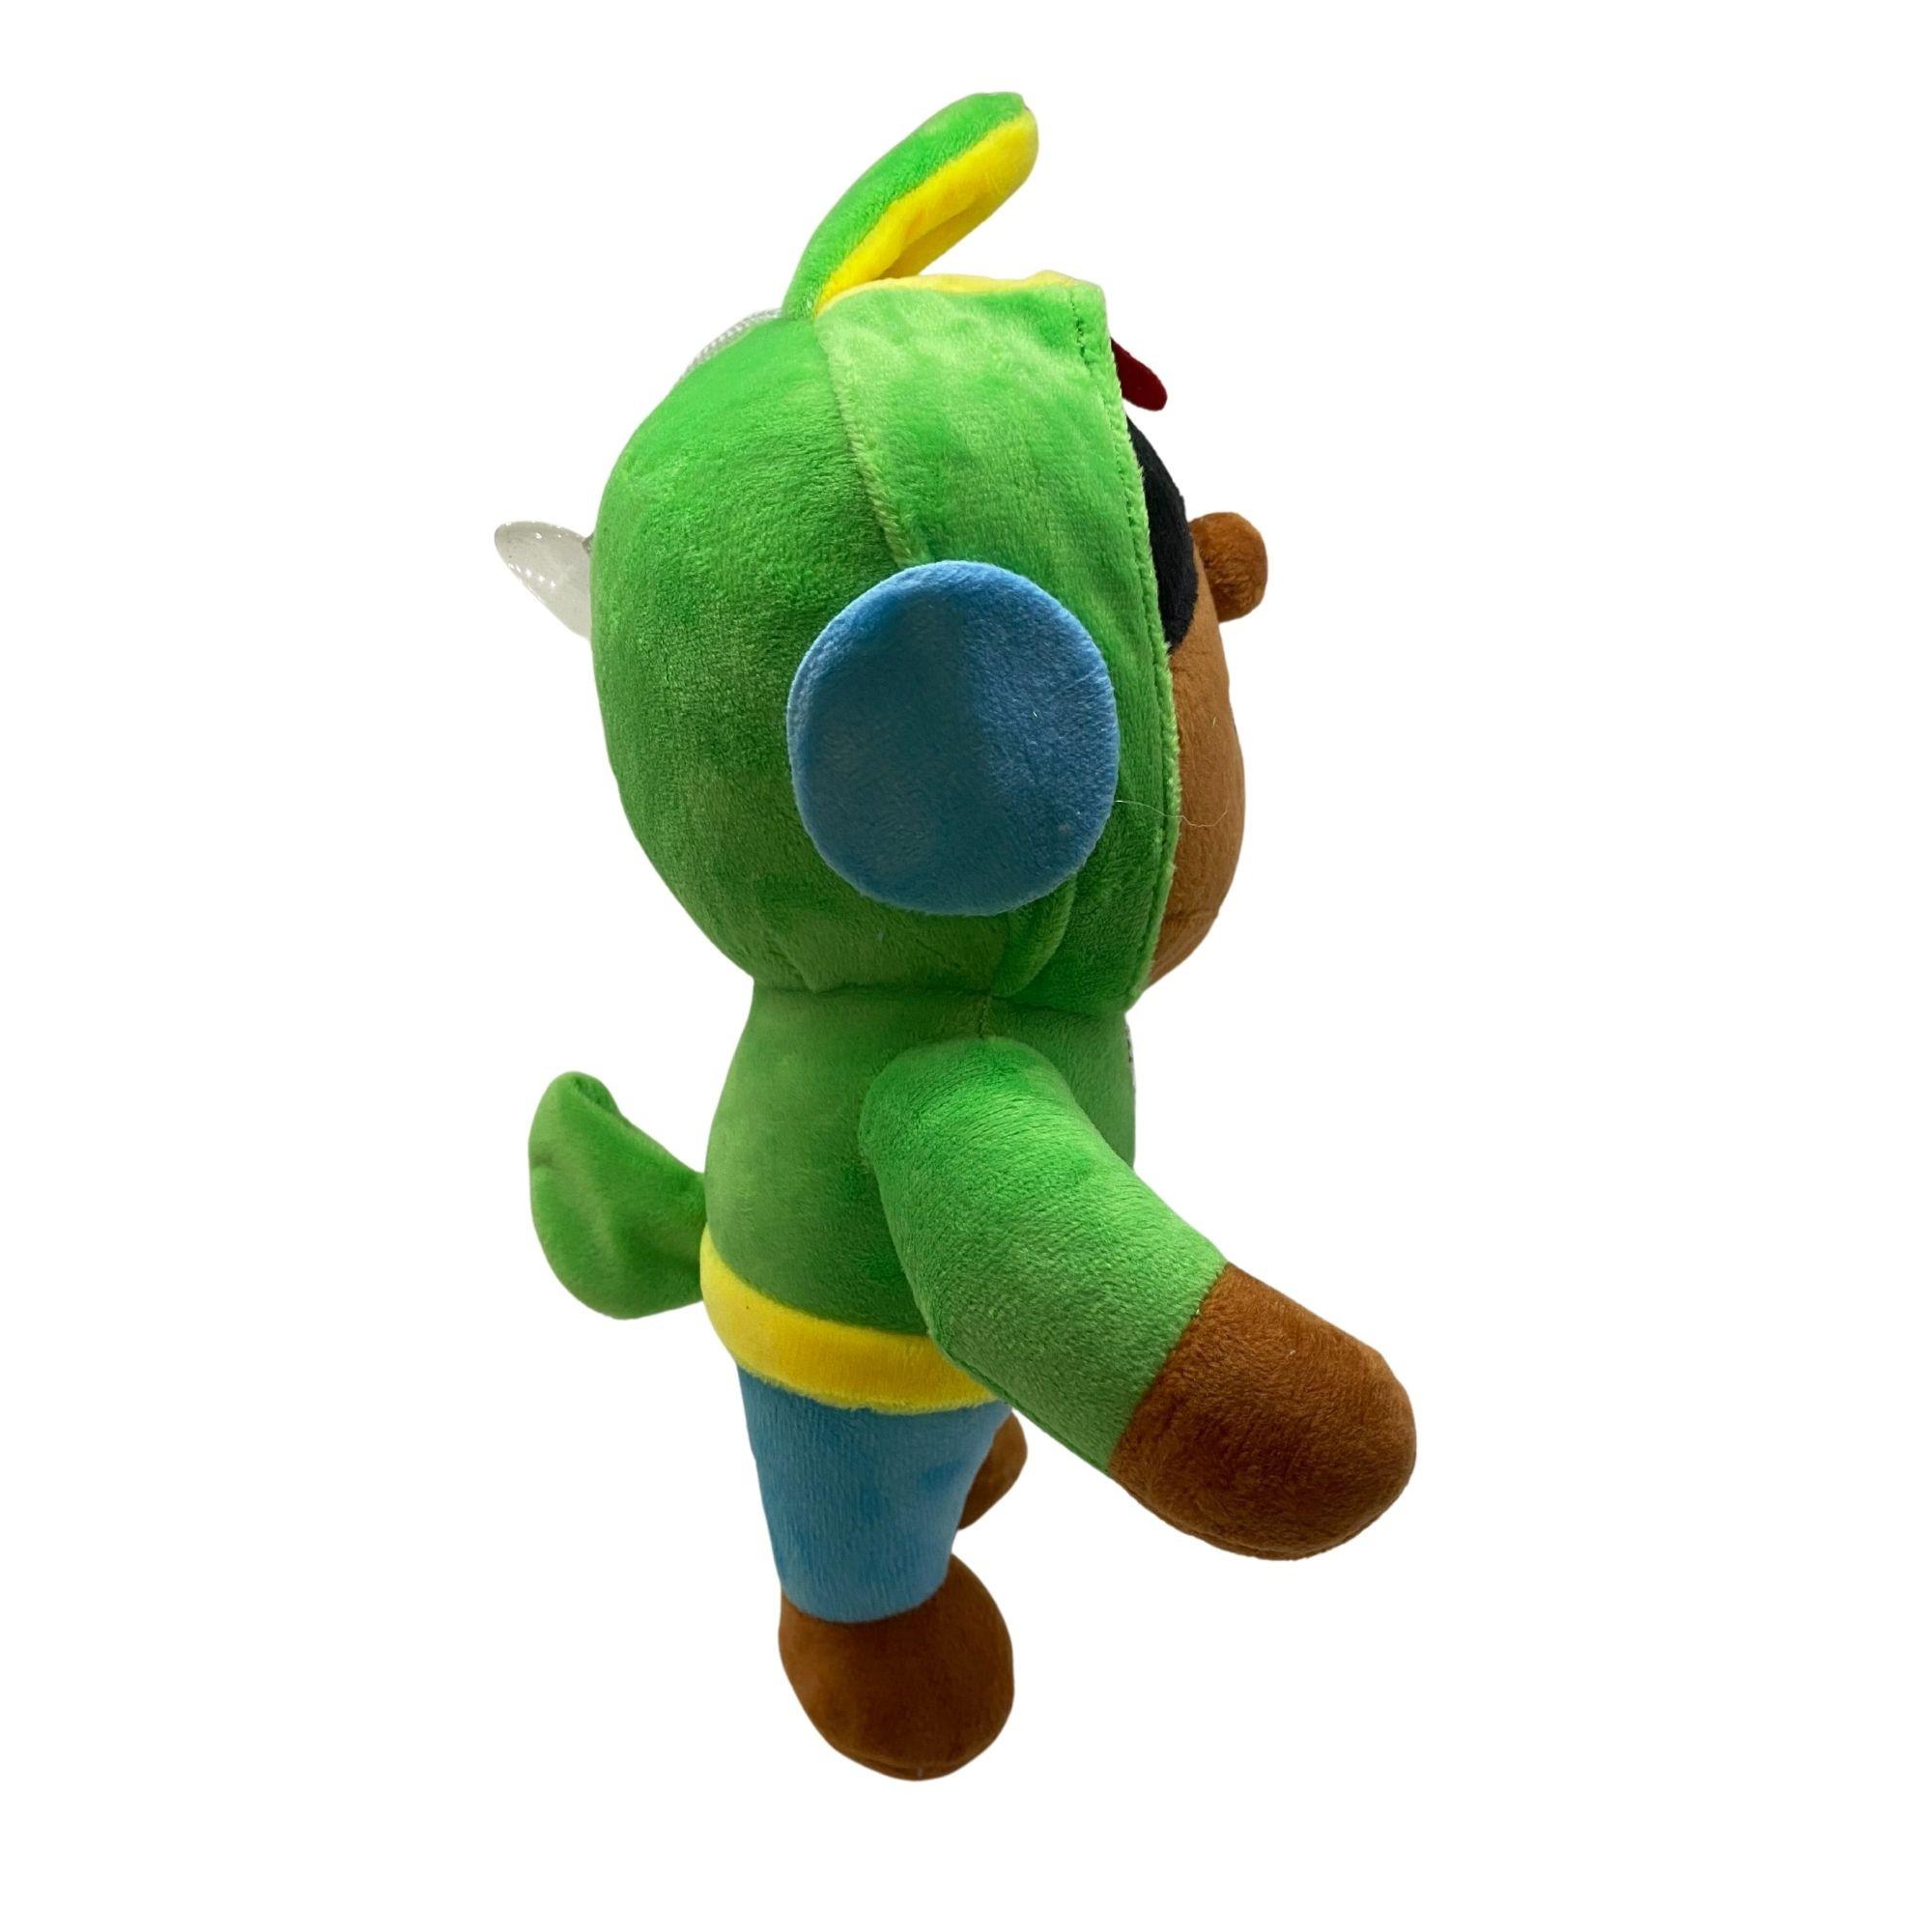 Boneco de Pelúcia Leon do Jogo Brawl Stars  - Game Land Brinquedos